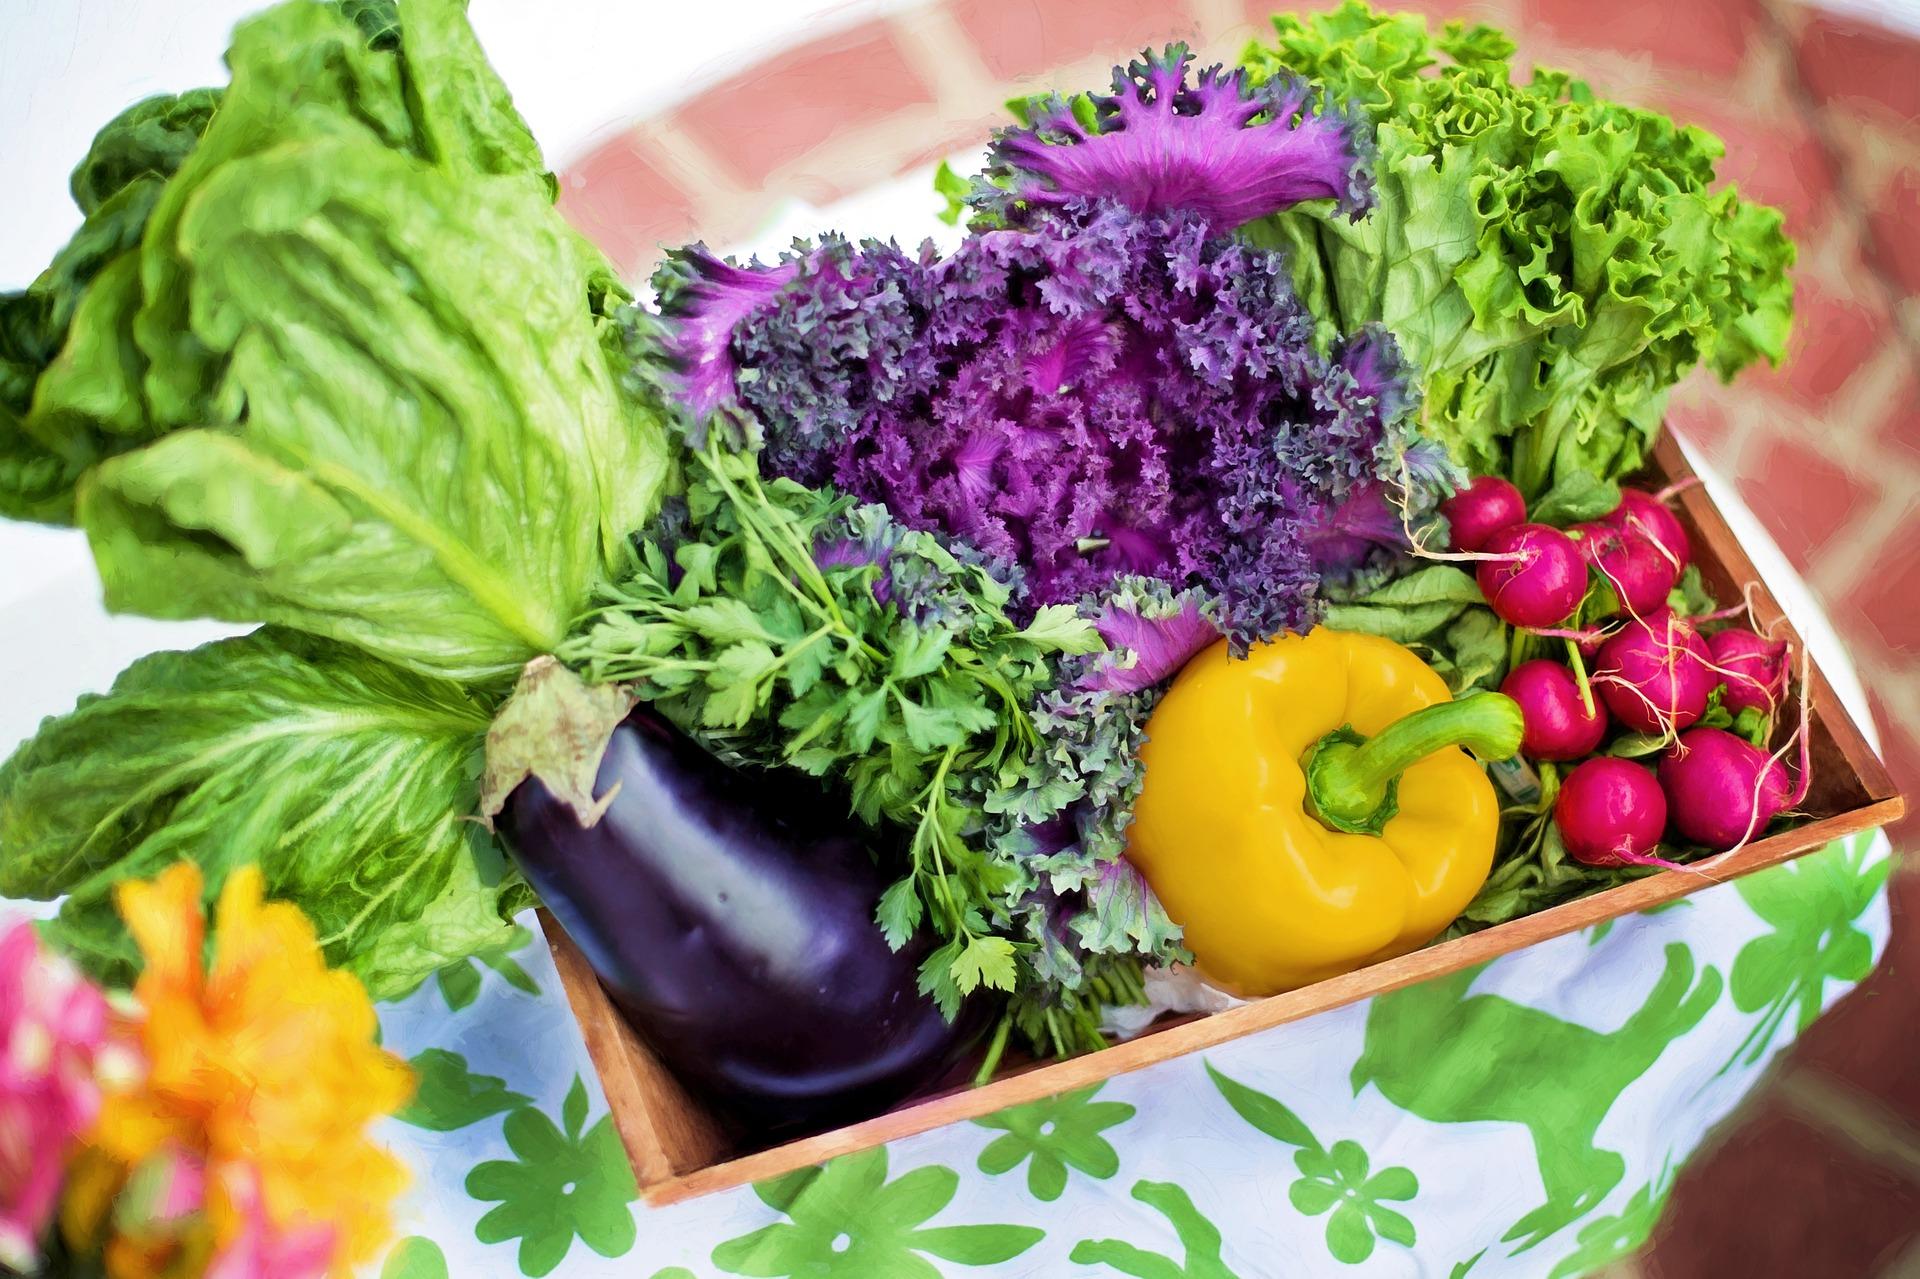 Organiczny – czy jest lepszym wyborem?